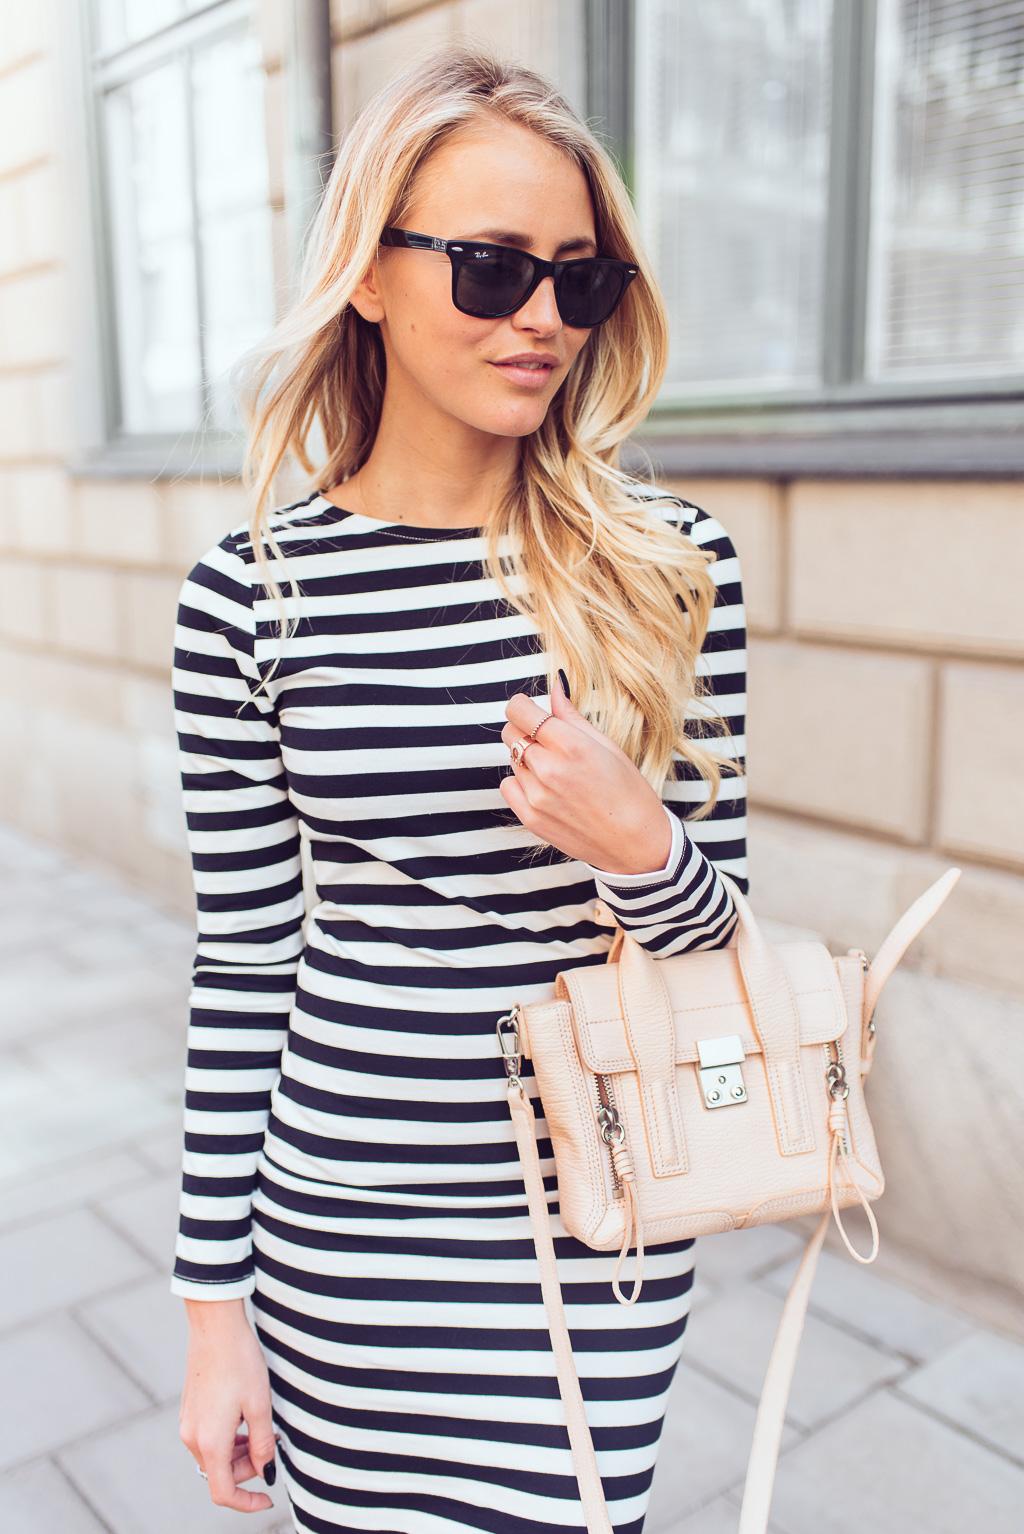 janni-deler-stripes-bootsDSC_4229